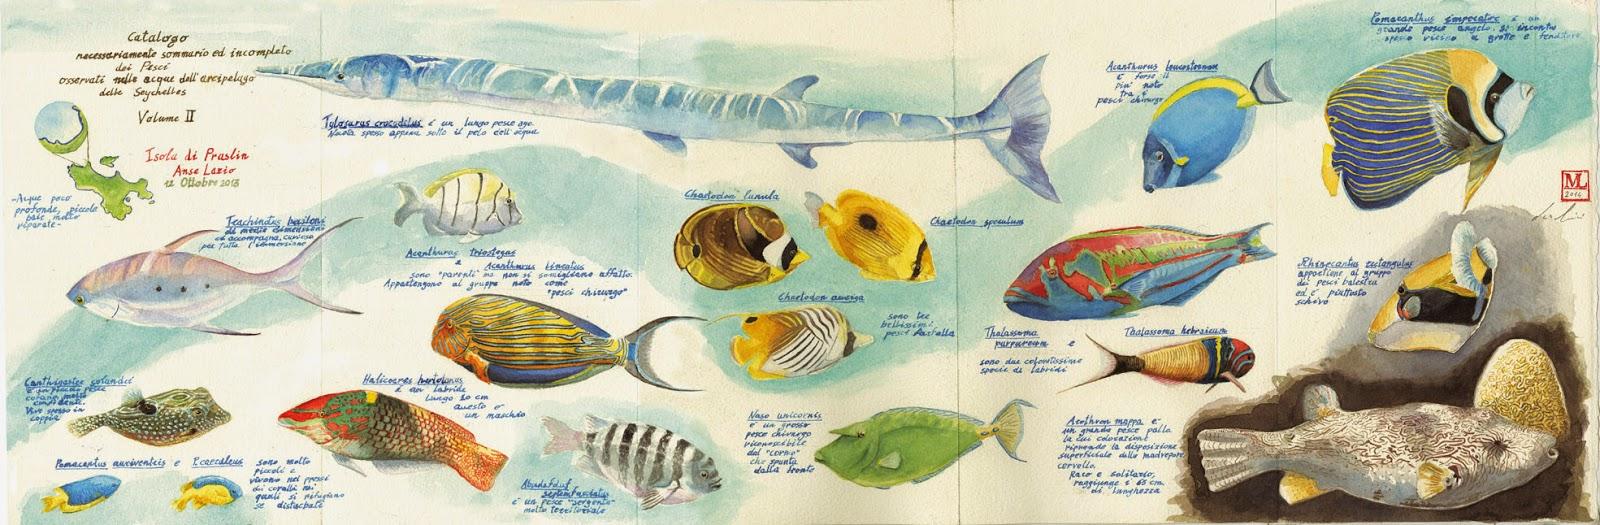 Ars et natura seychelles i pesci tropicali di luca marini artista e biologo marino - Pesci comuni in tavola ...